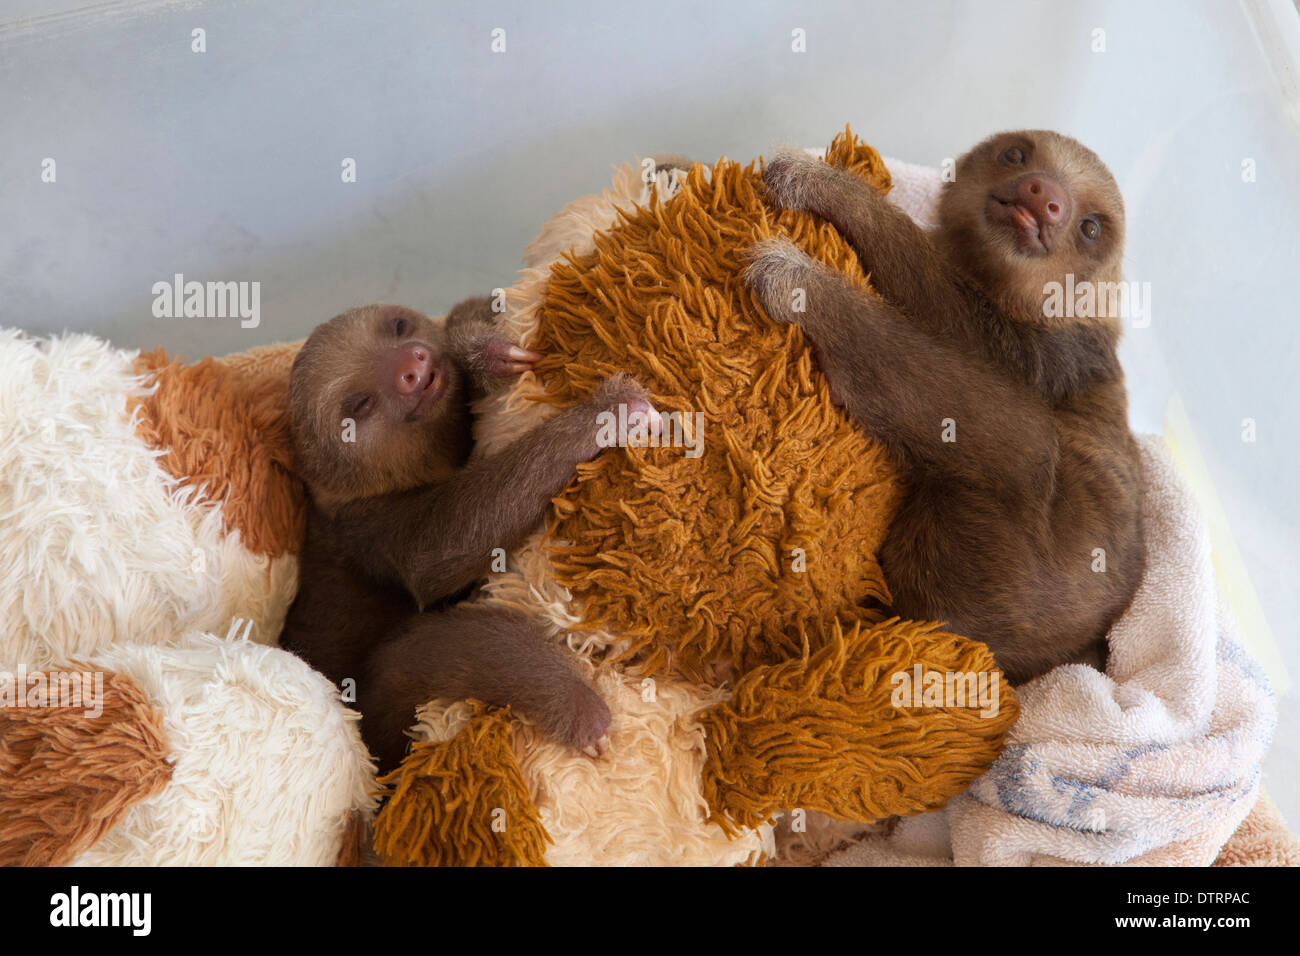 Hoffmann bébé deux doigts paresseux (Choloepus hoffmanni) avec des jouets en peluche en pépinière à Sloth Sanctuary Photo Stock